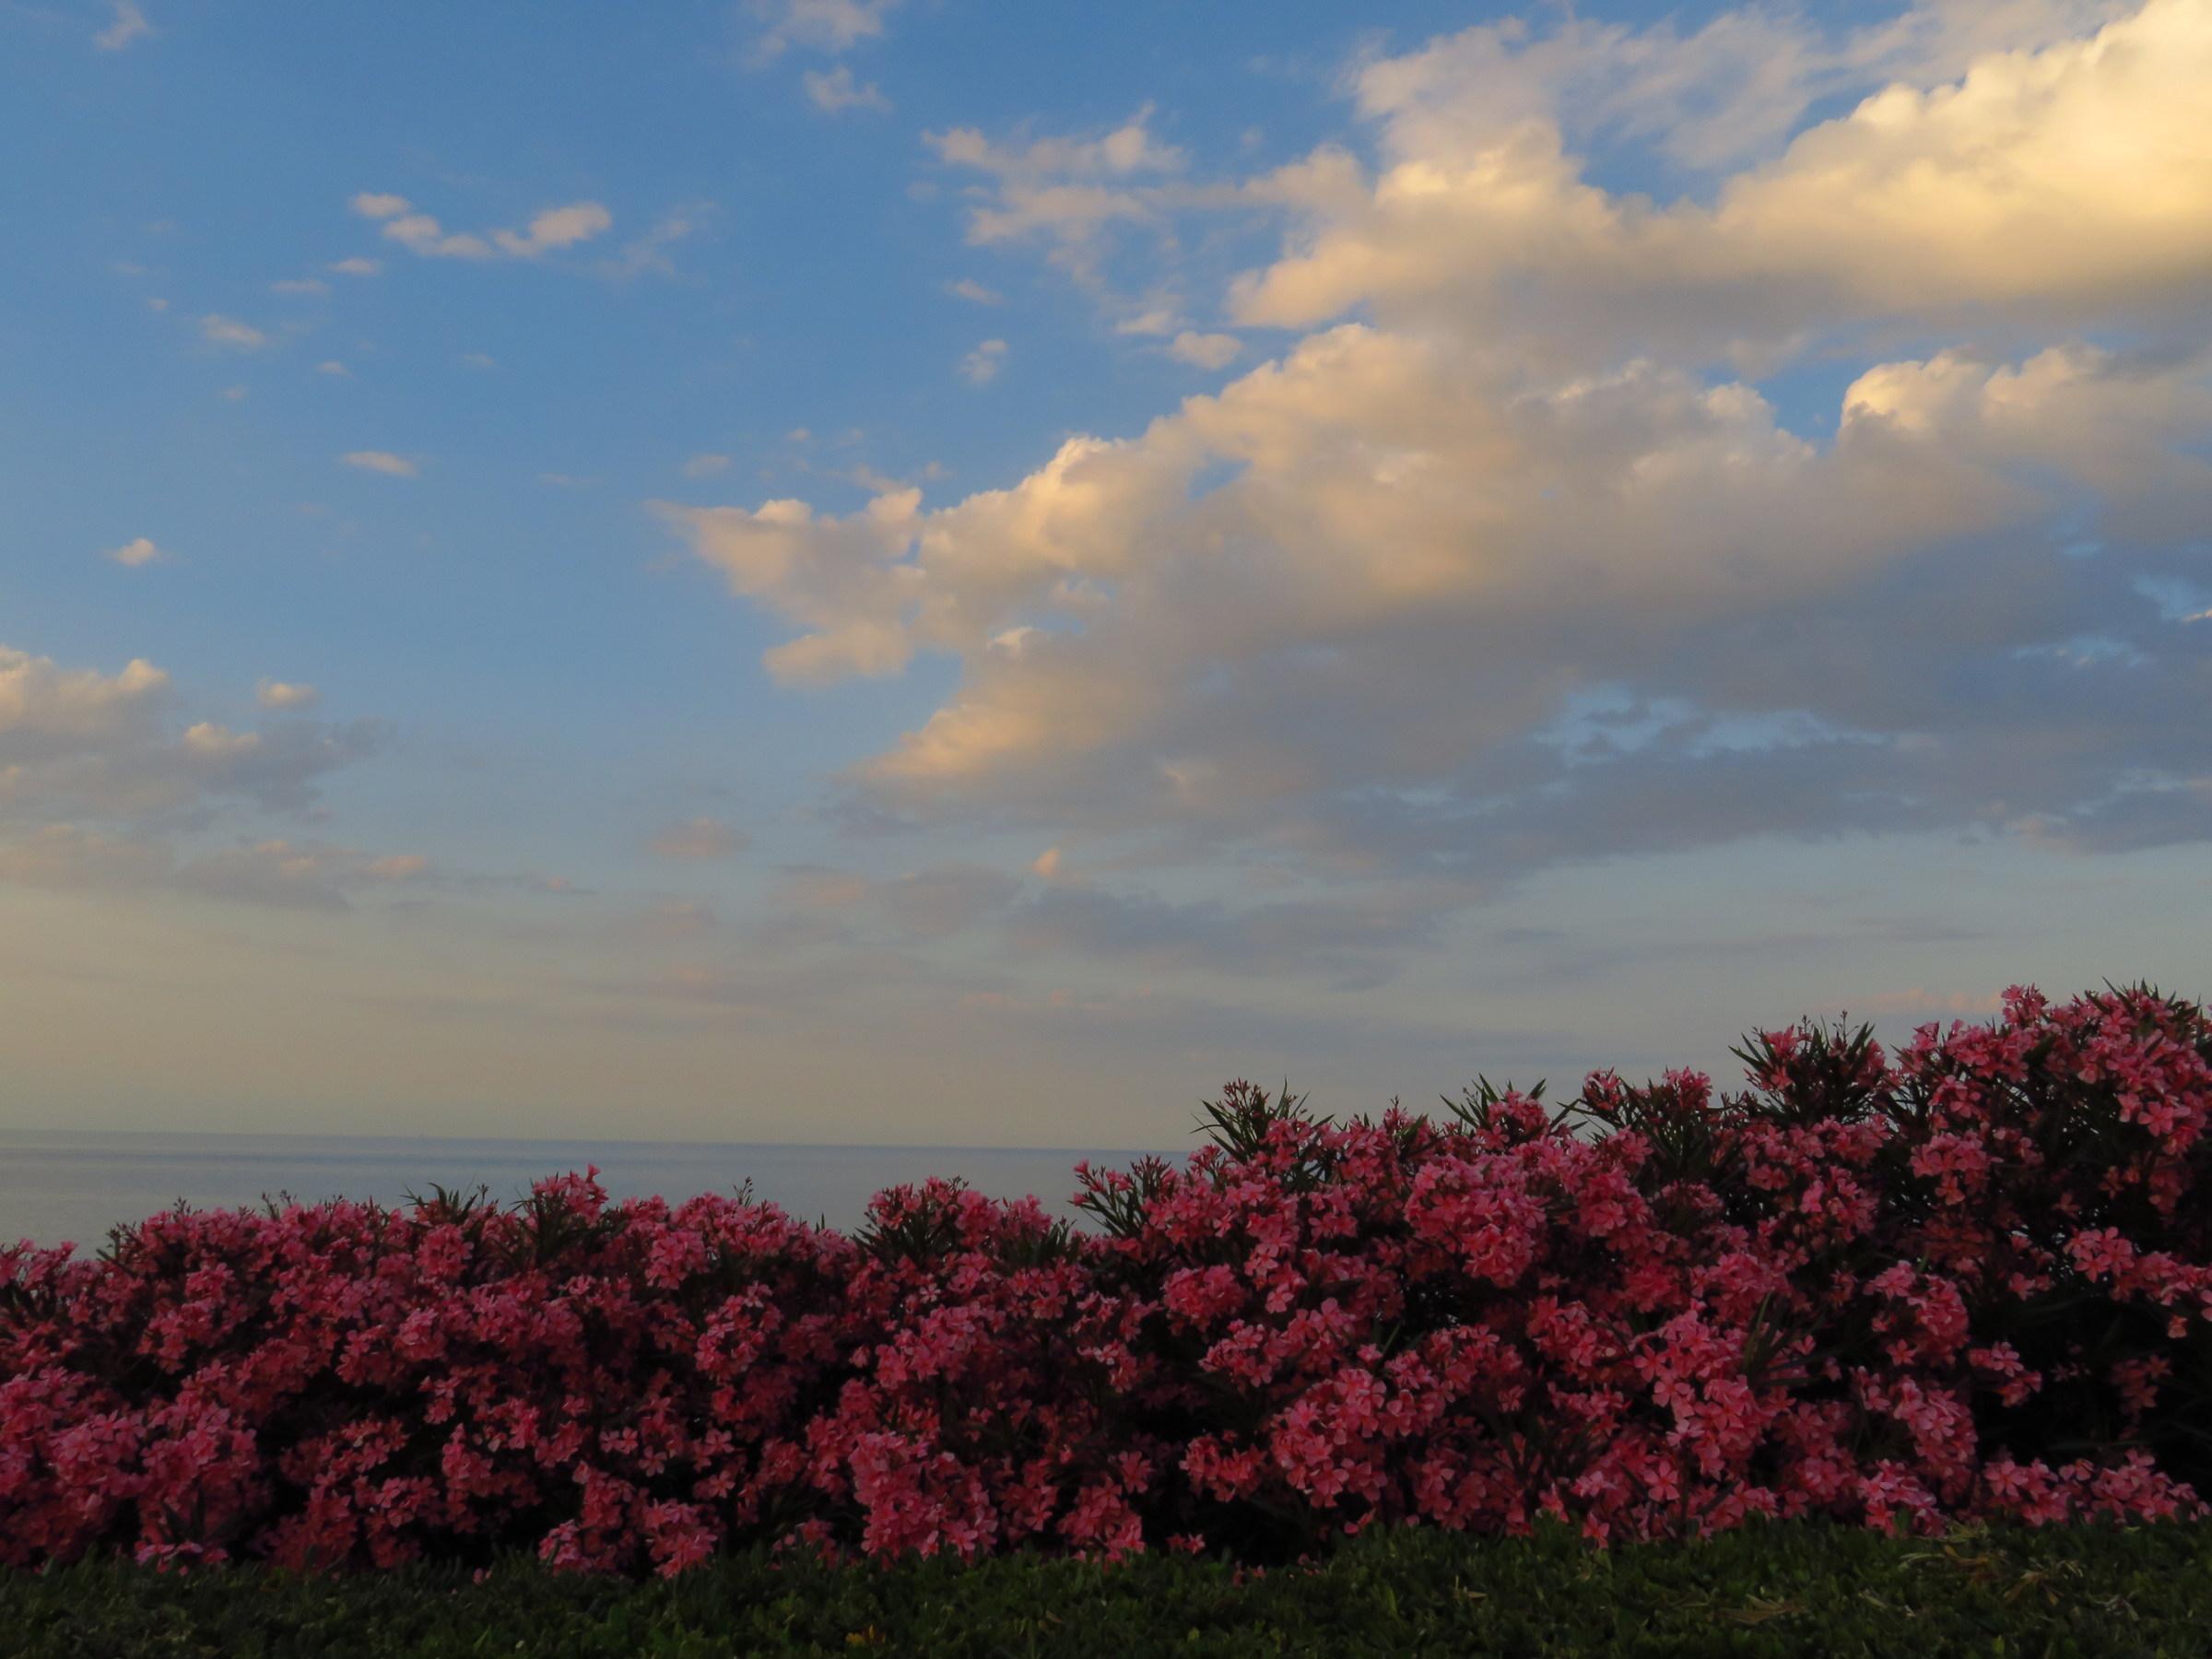 Mare e fiori...